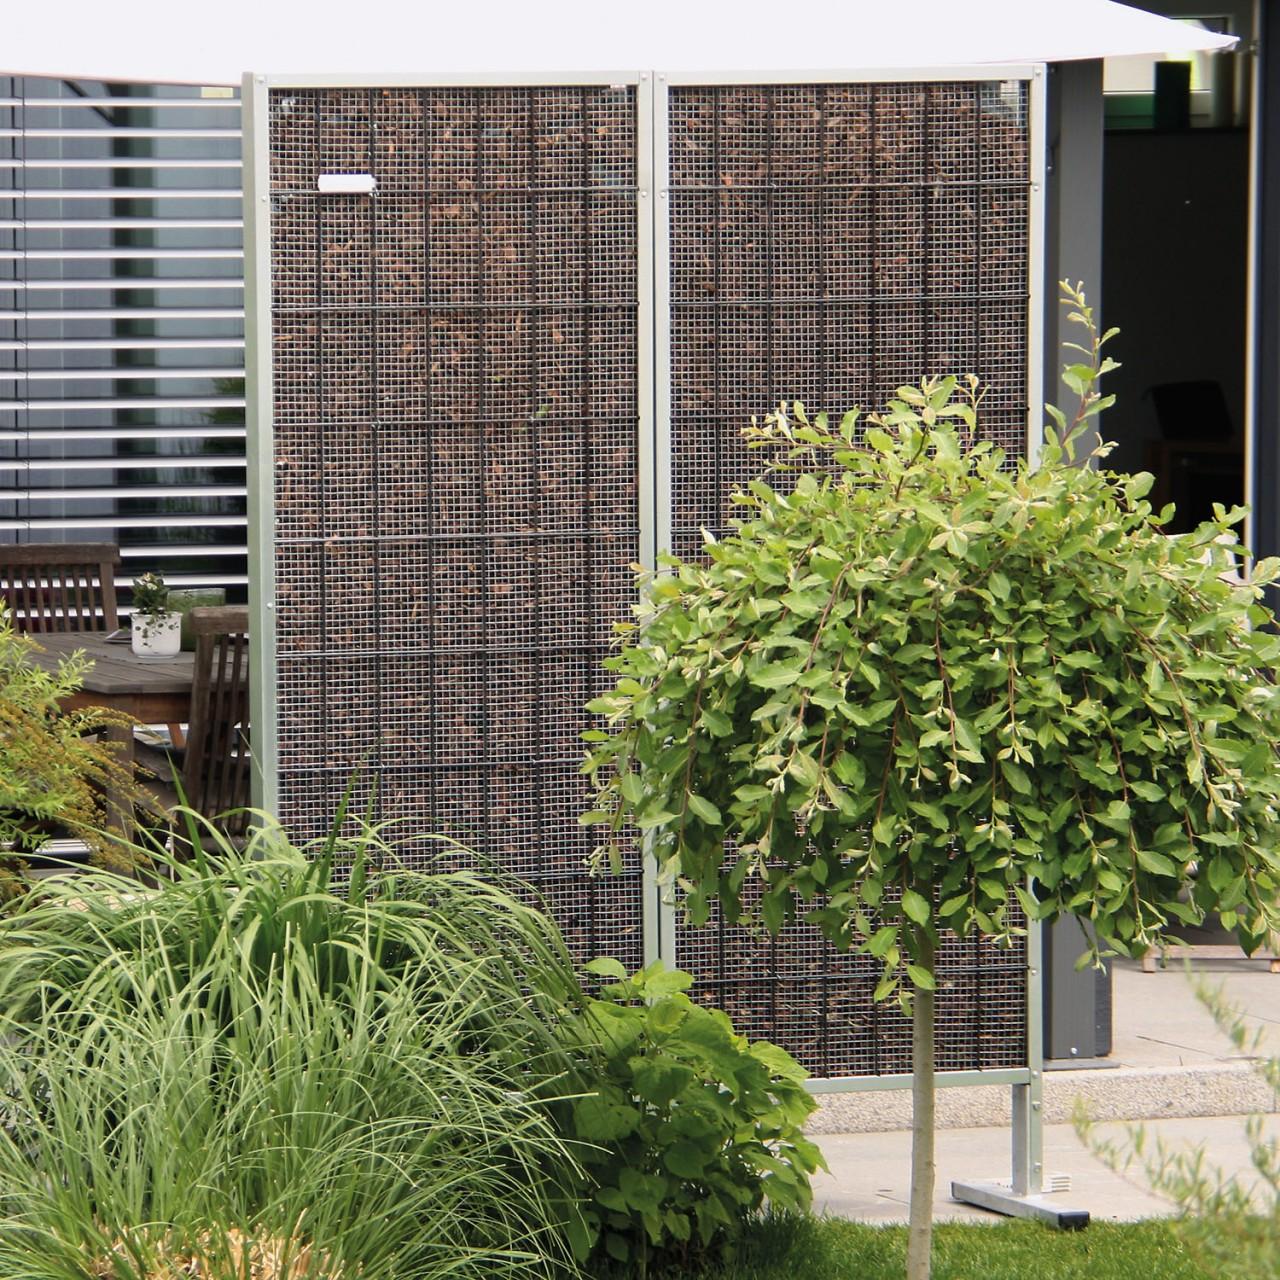 Sichtschutzzaun Und Windschutzzaun Fur Garten Oder Terrasse Mit